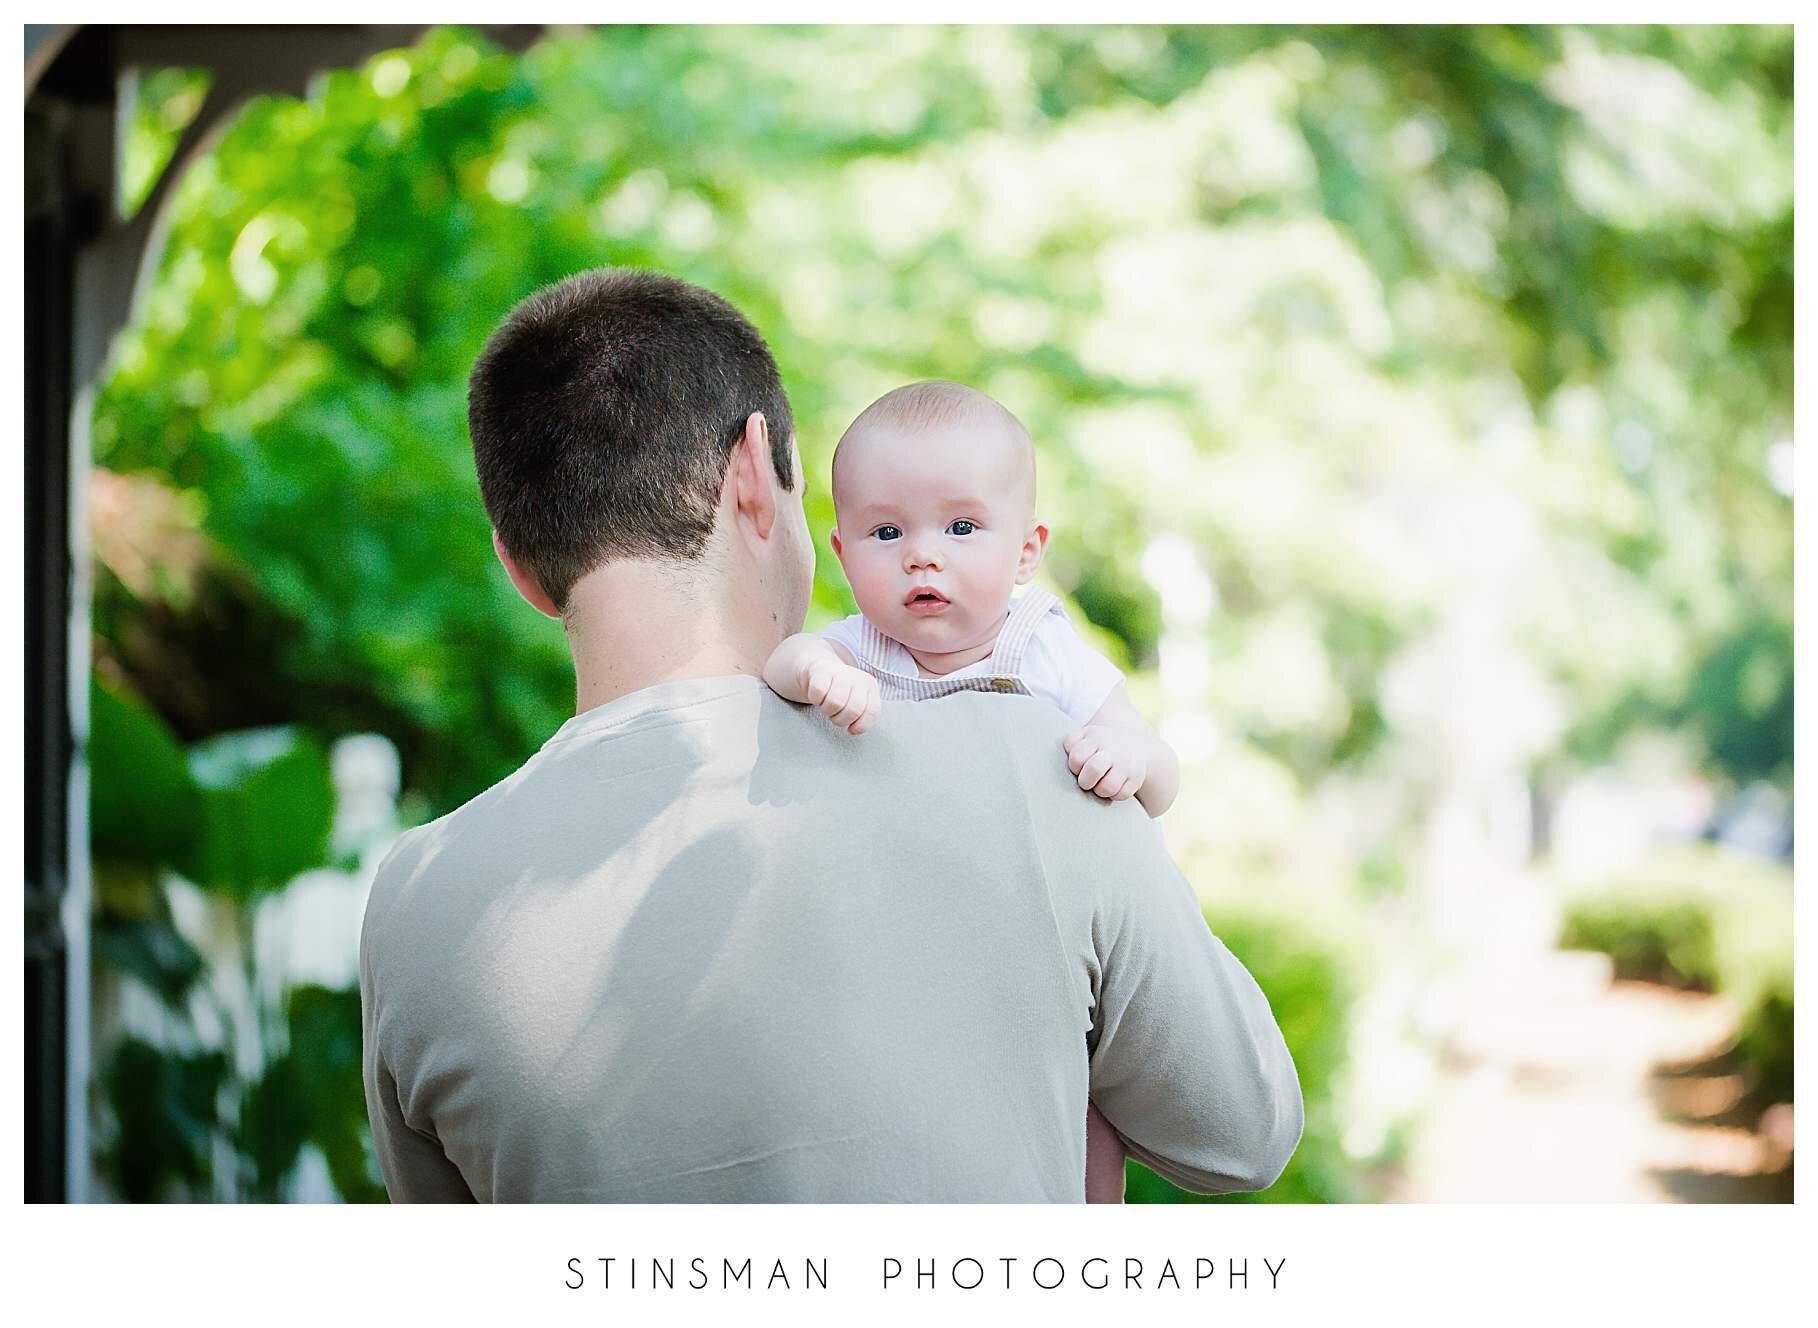 baby boy looking over dad's shoulder